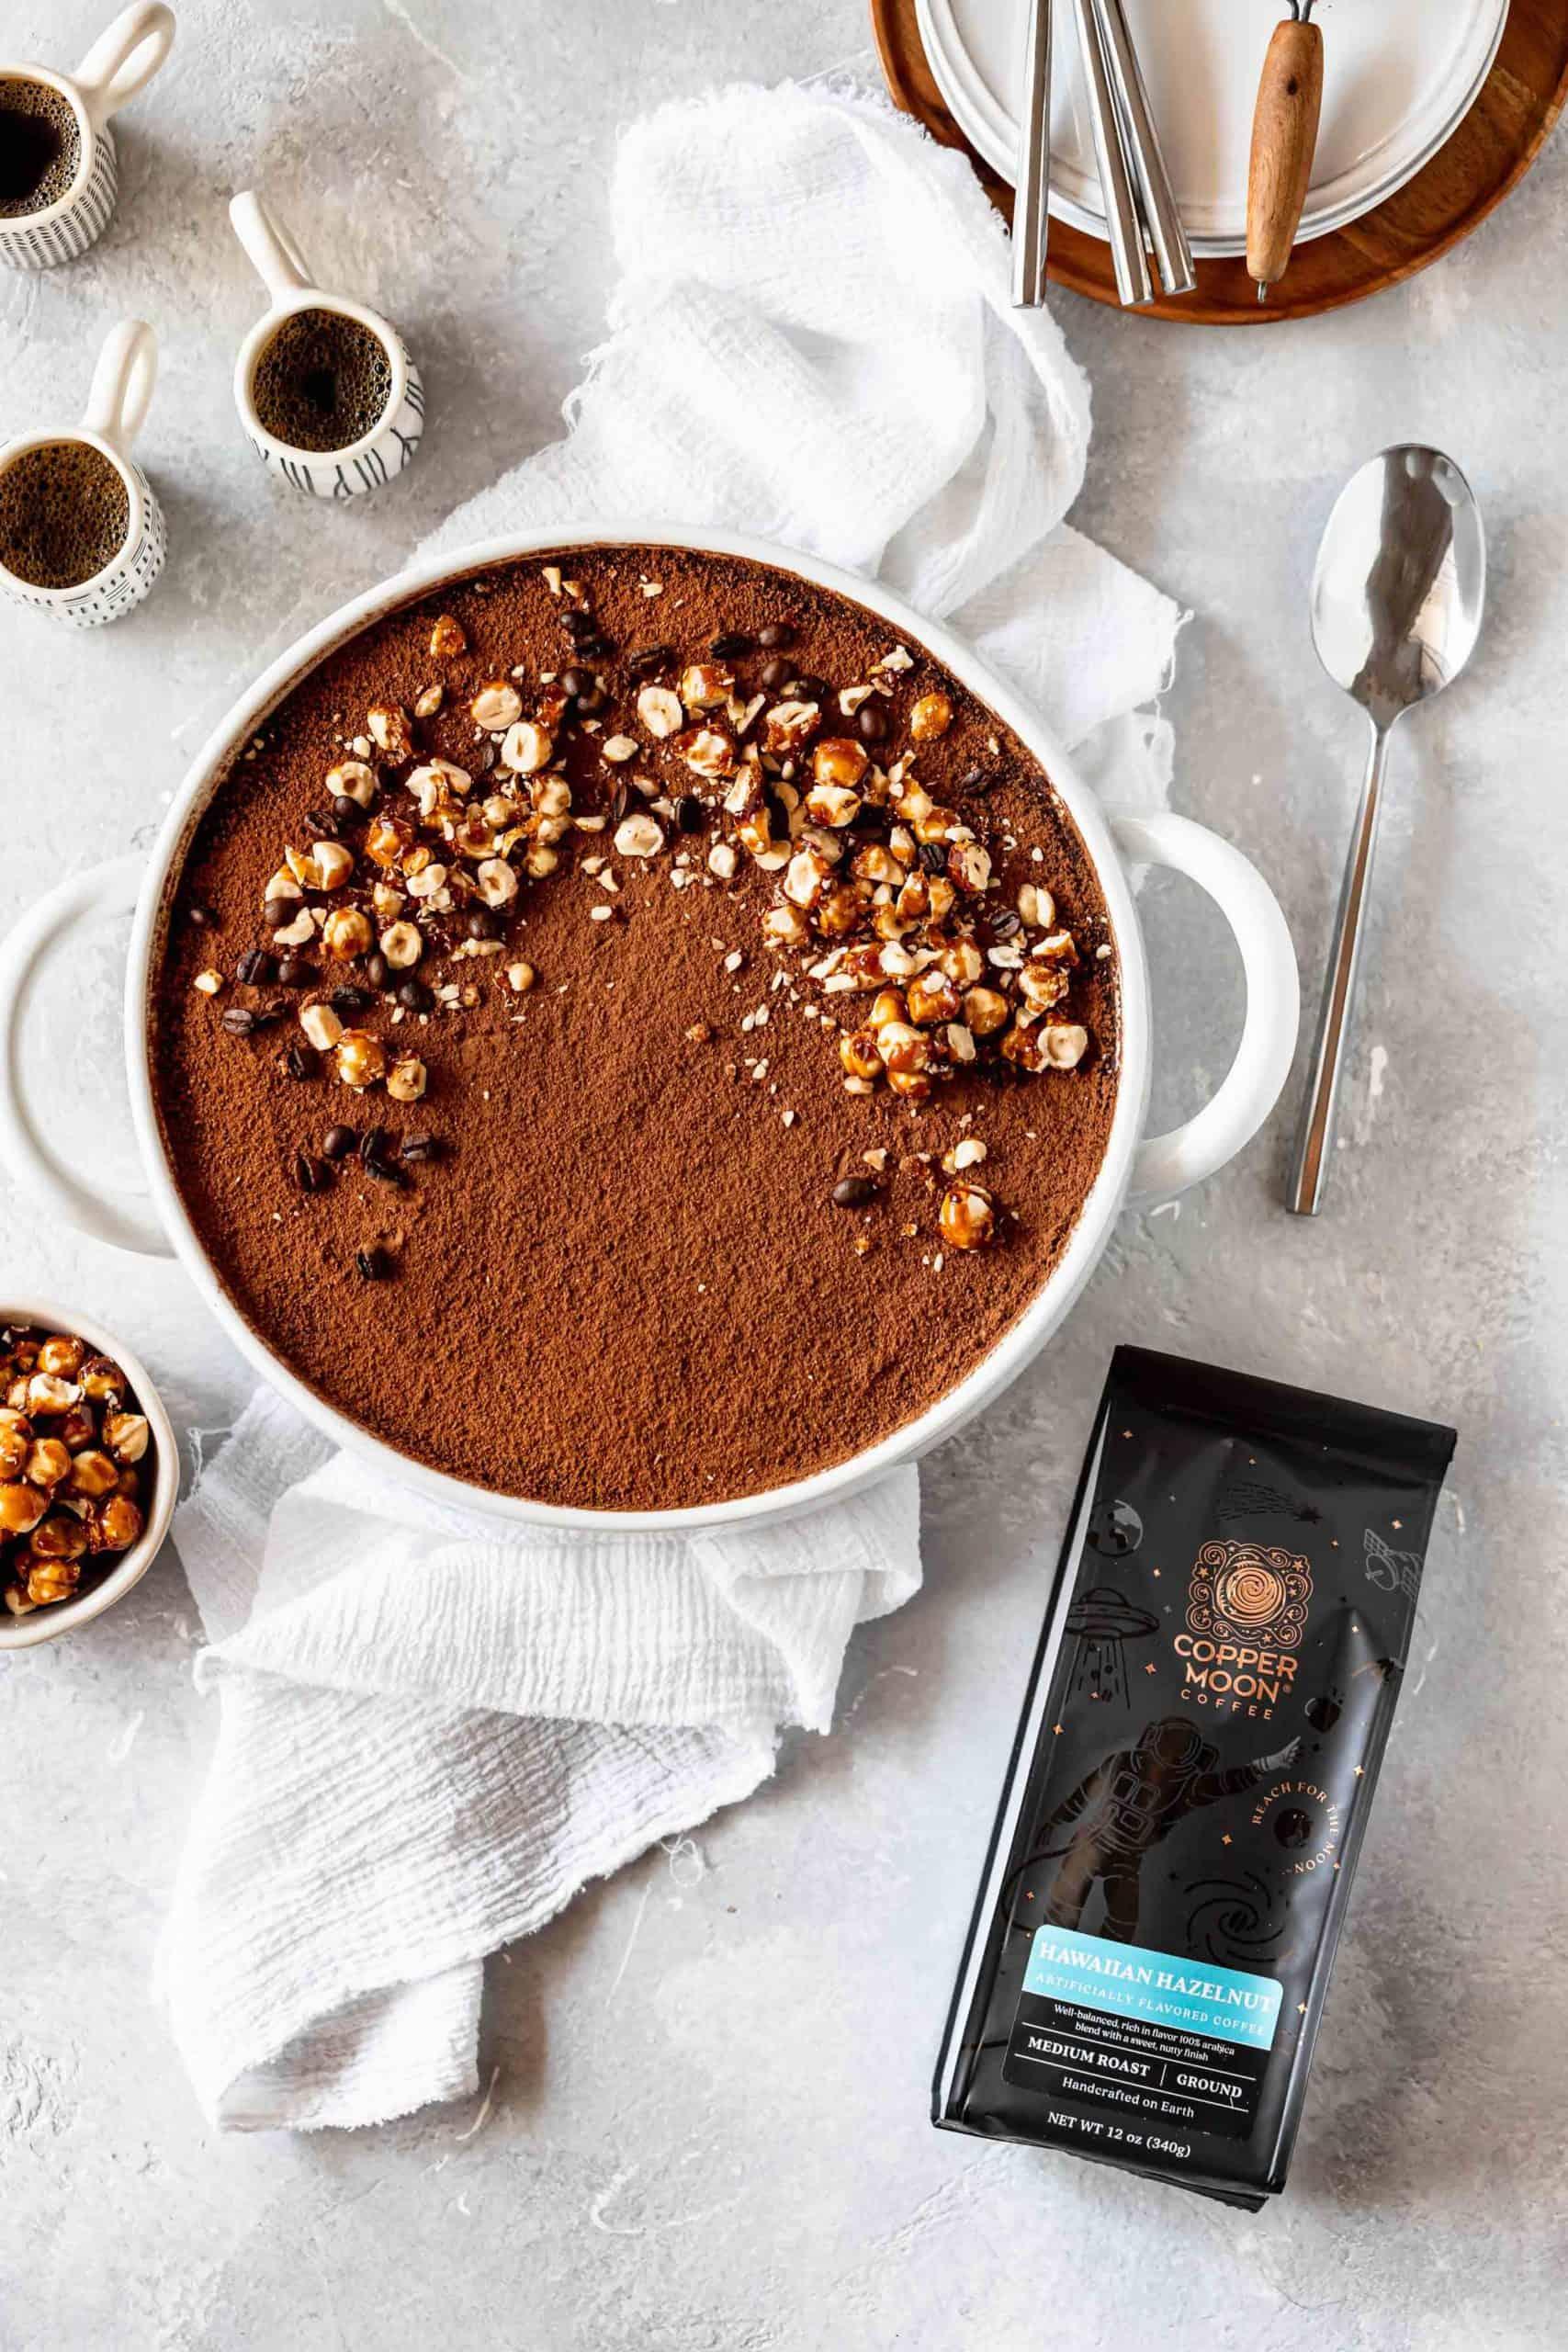 hazelnut tiramisu with candied hazelnuts and hazelnut flavored coffee